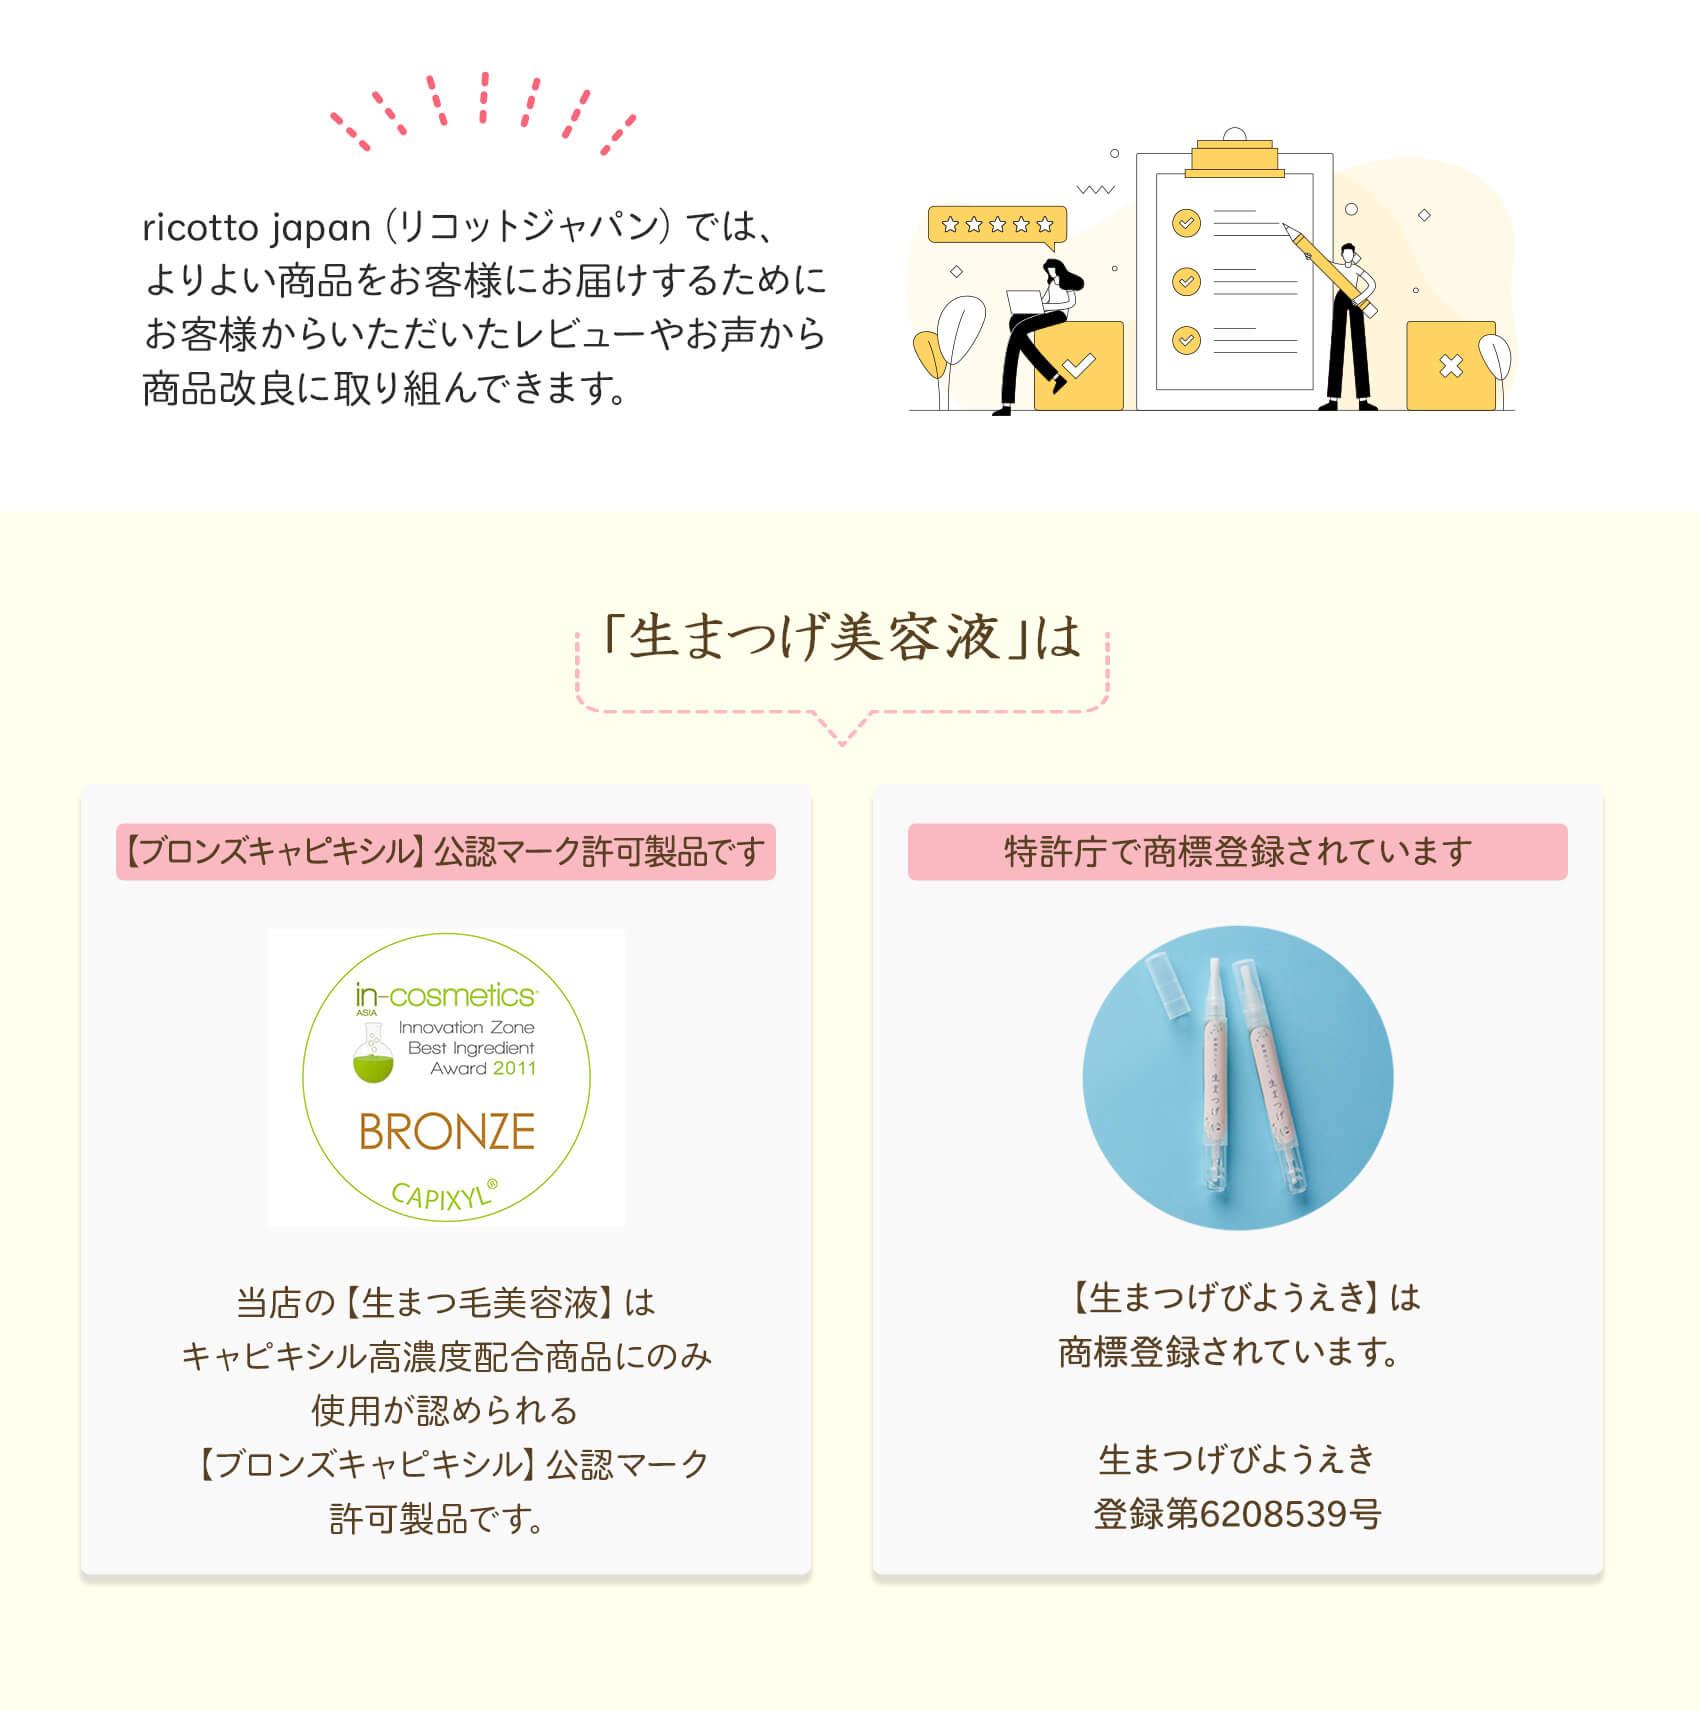 生まつげ美容液(まつ毛美容液)はブロンズキャピキシル公認マーク許可商品です。「生まつげびようえき」は商標登録されています。